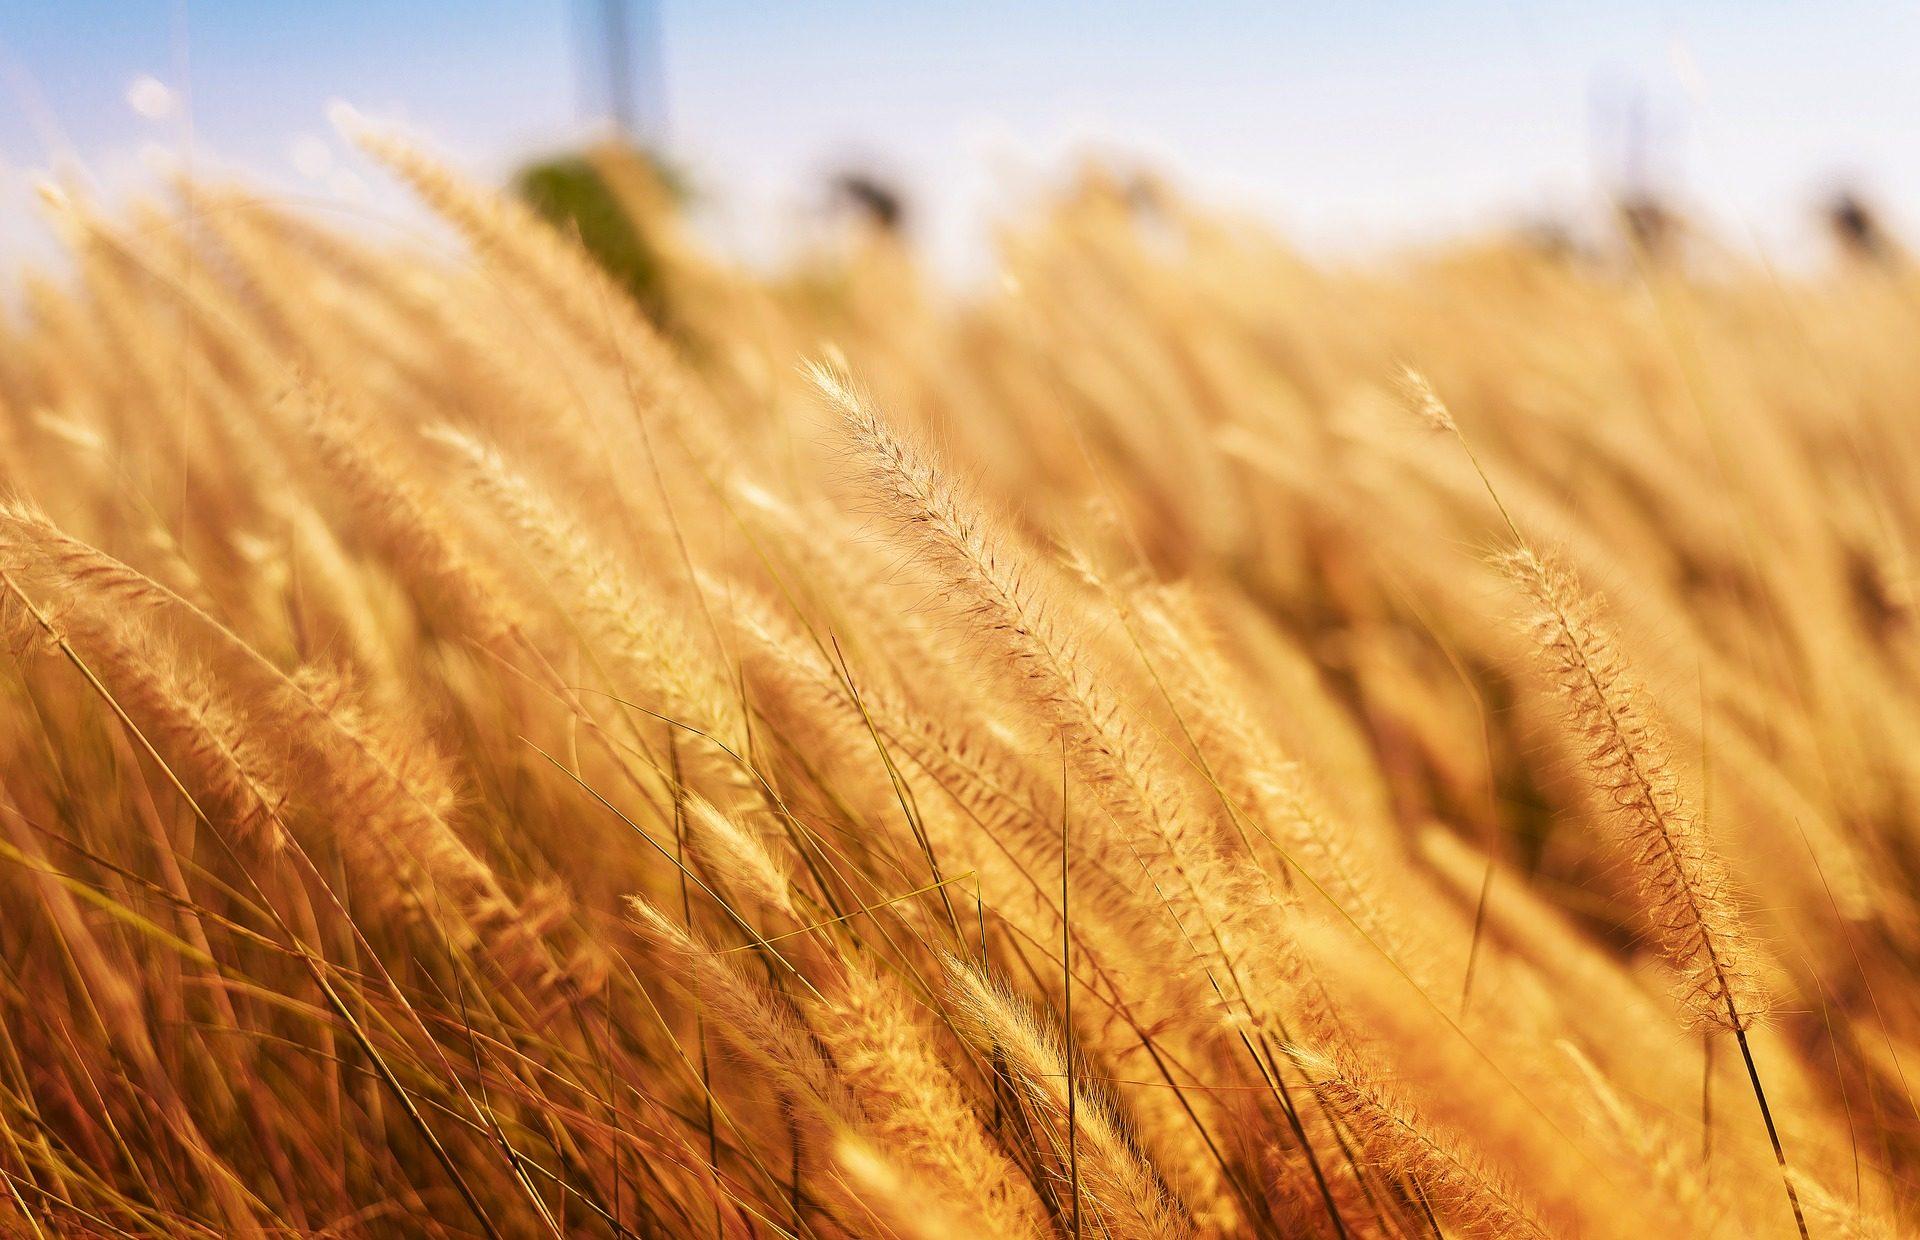 小麦, 人工林, 培养, 农场, 农业 - 高清壁纸 - 教授-falken.com